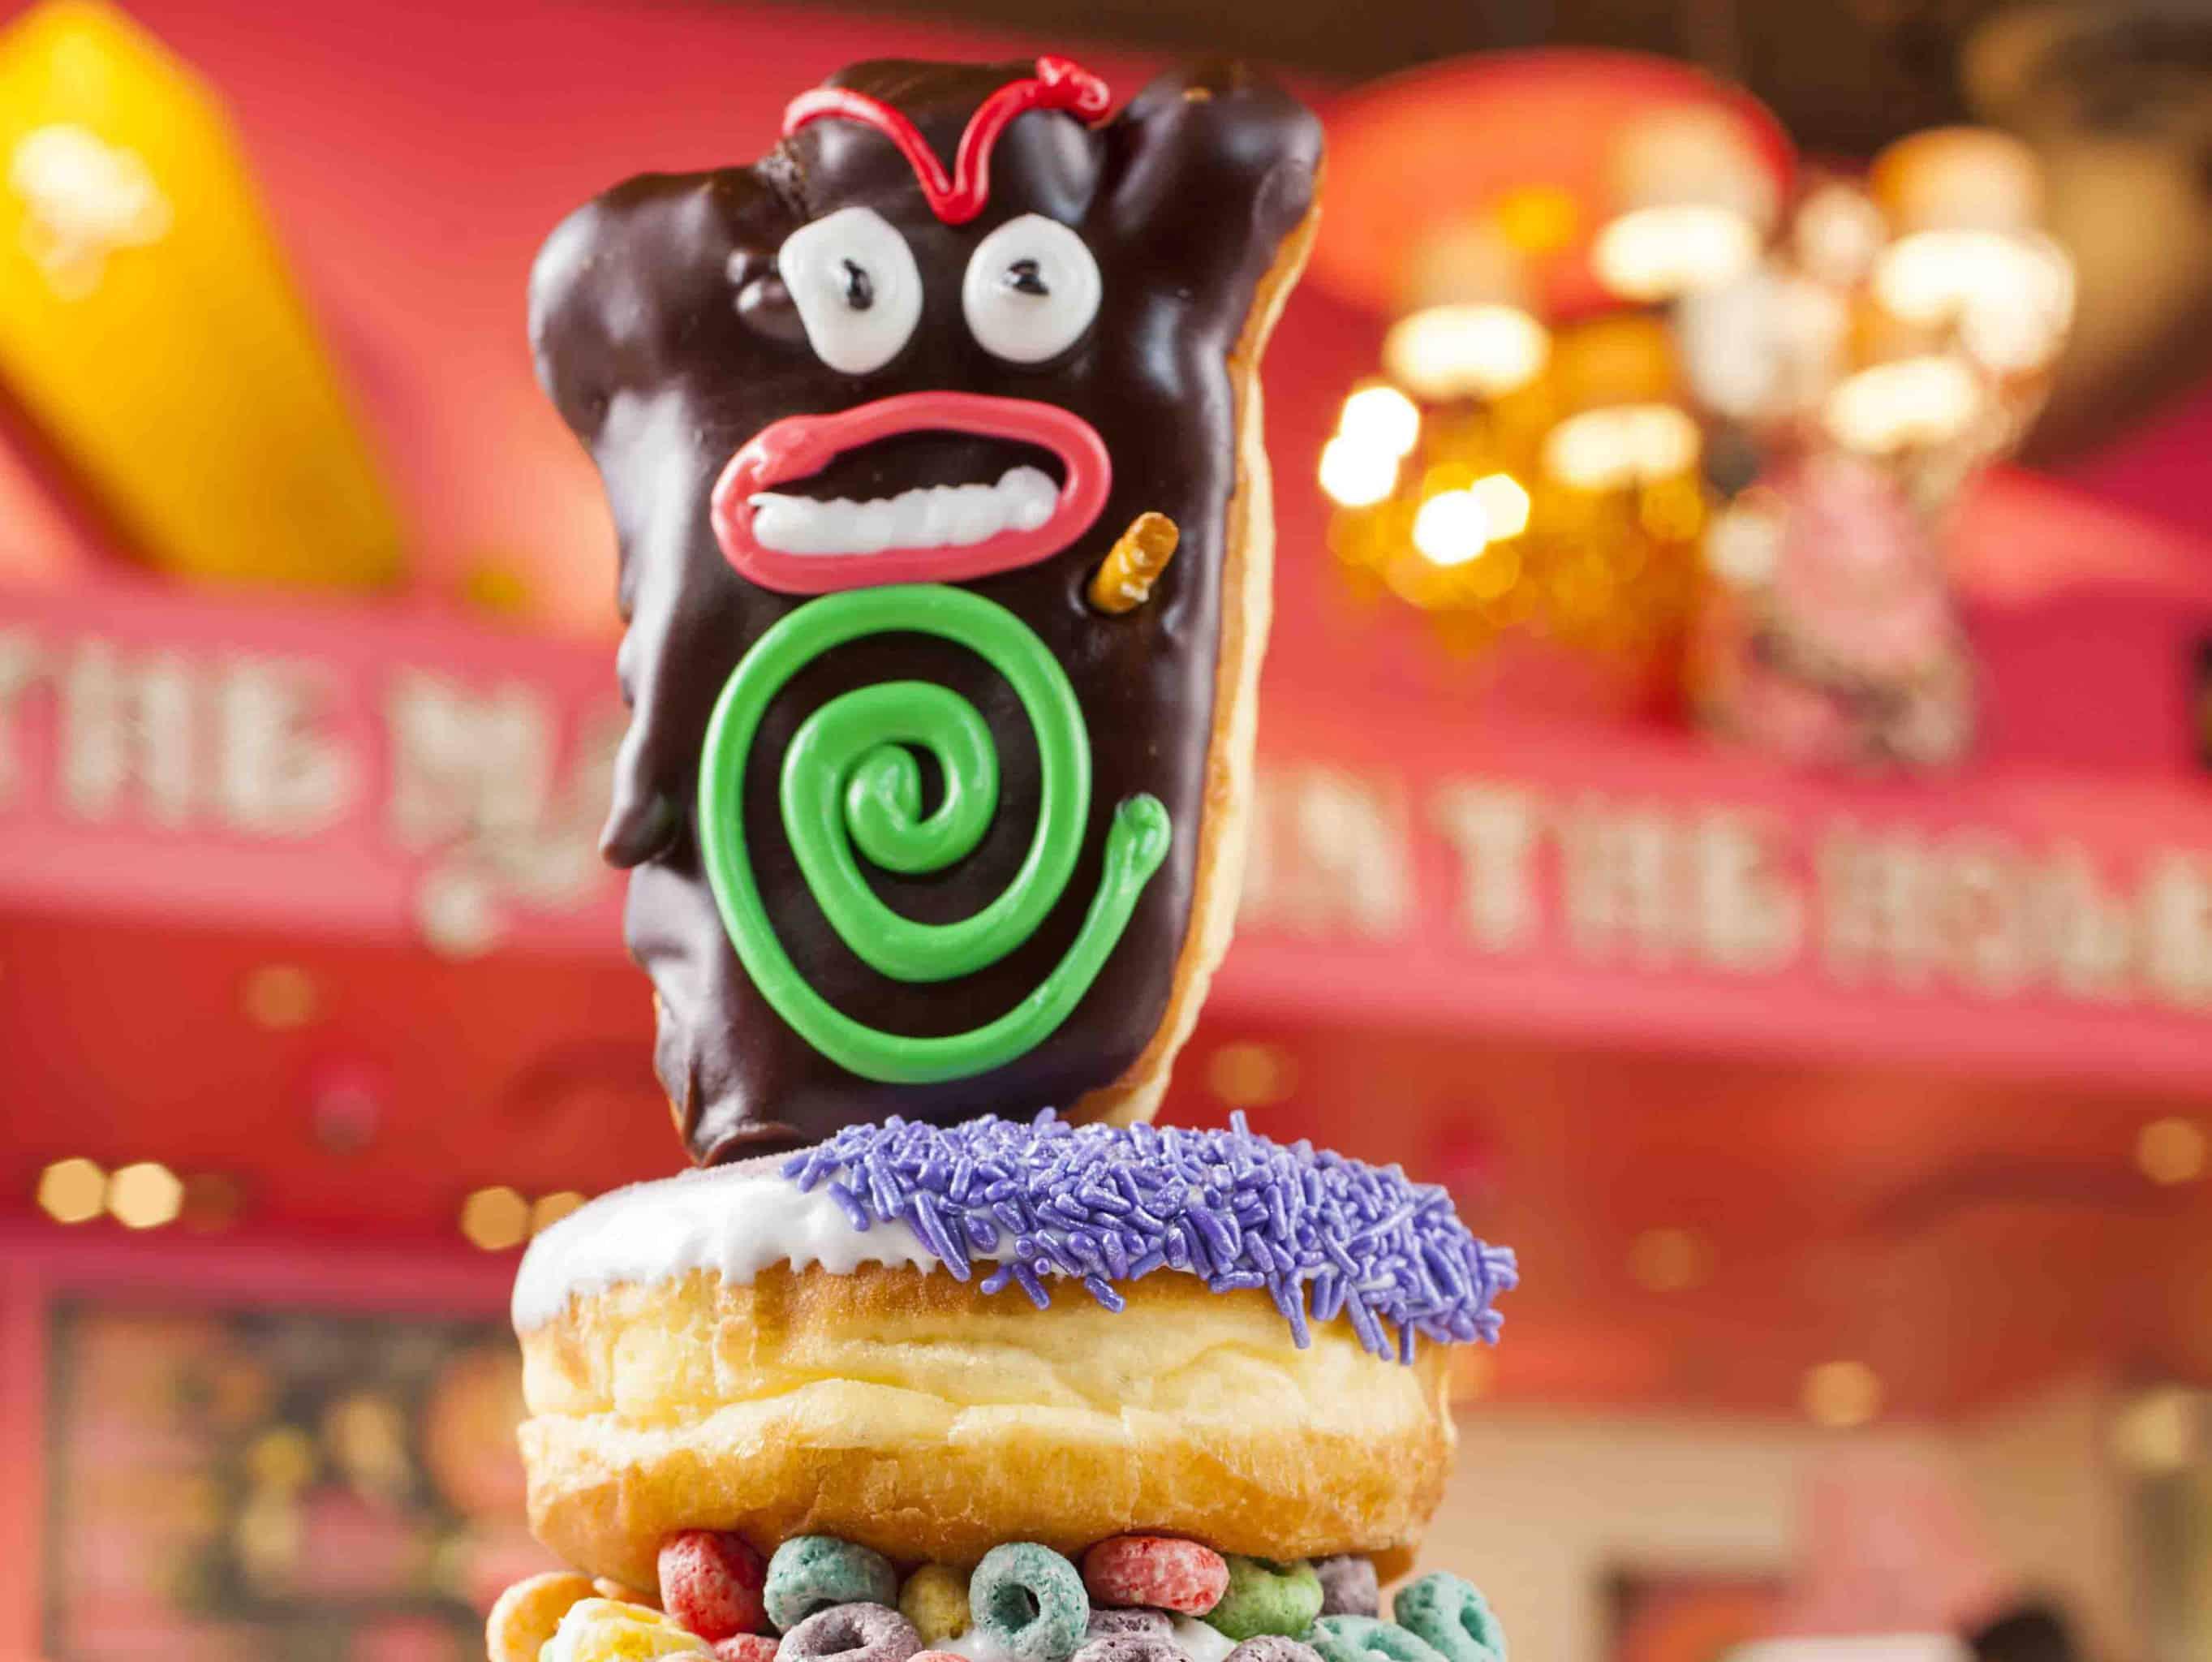 CONFIRMED: Voodoo Doughnut coming to Universal CityWalk